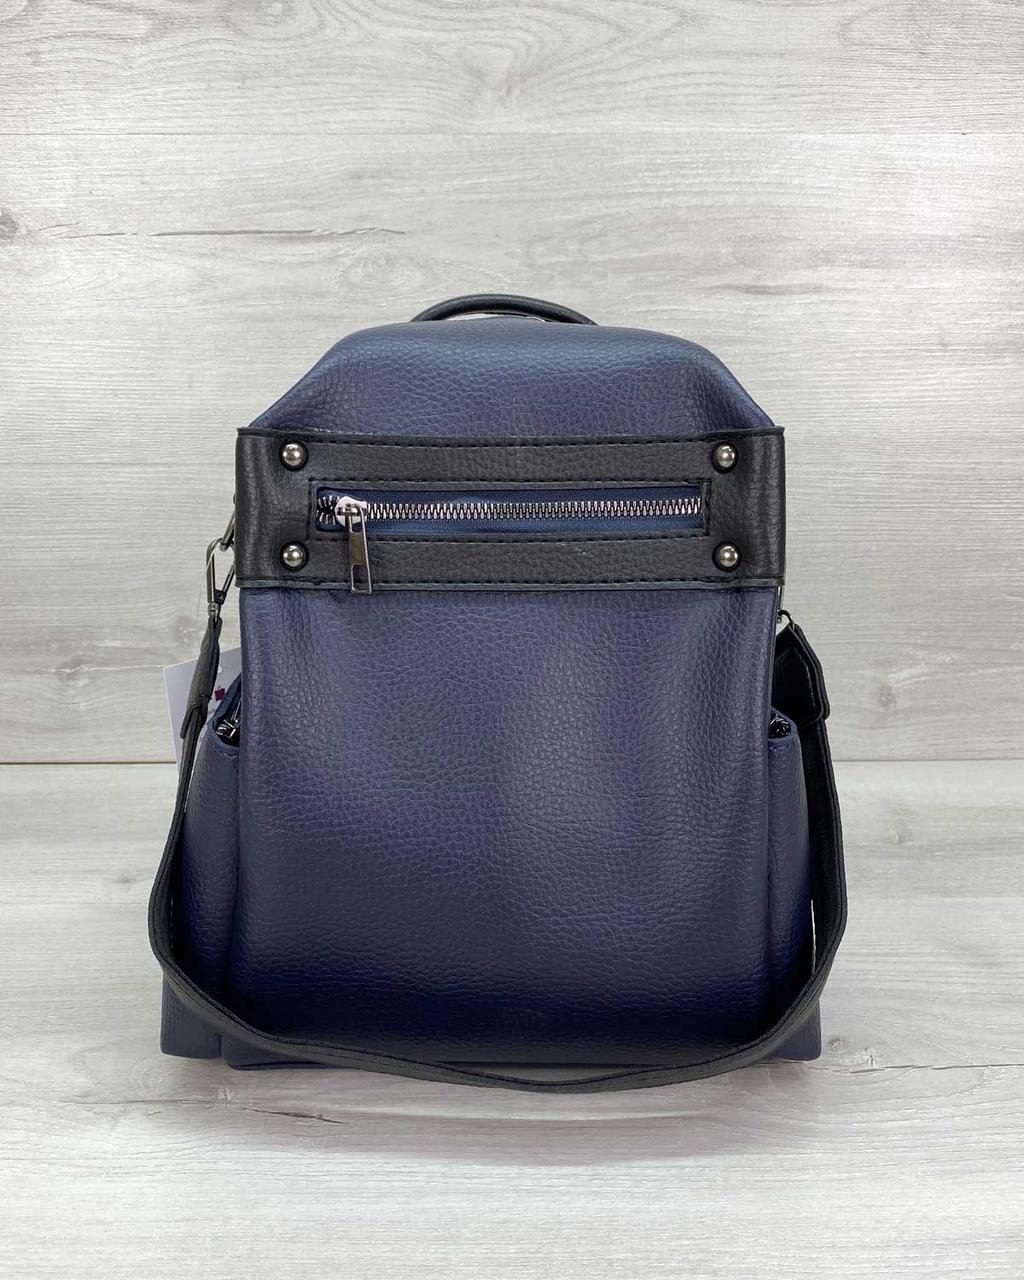 Жіноча молодіжна синя сумка рюкзак трансформер